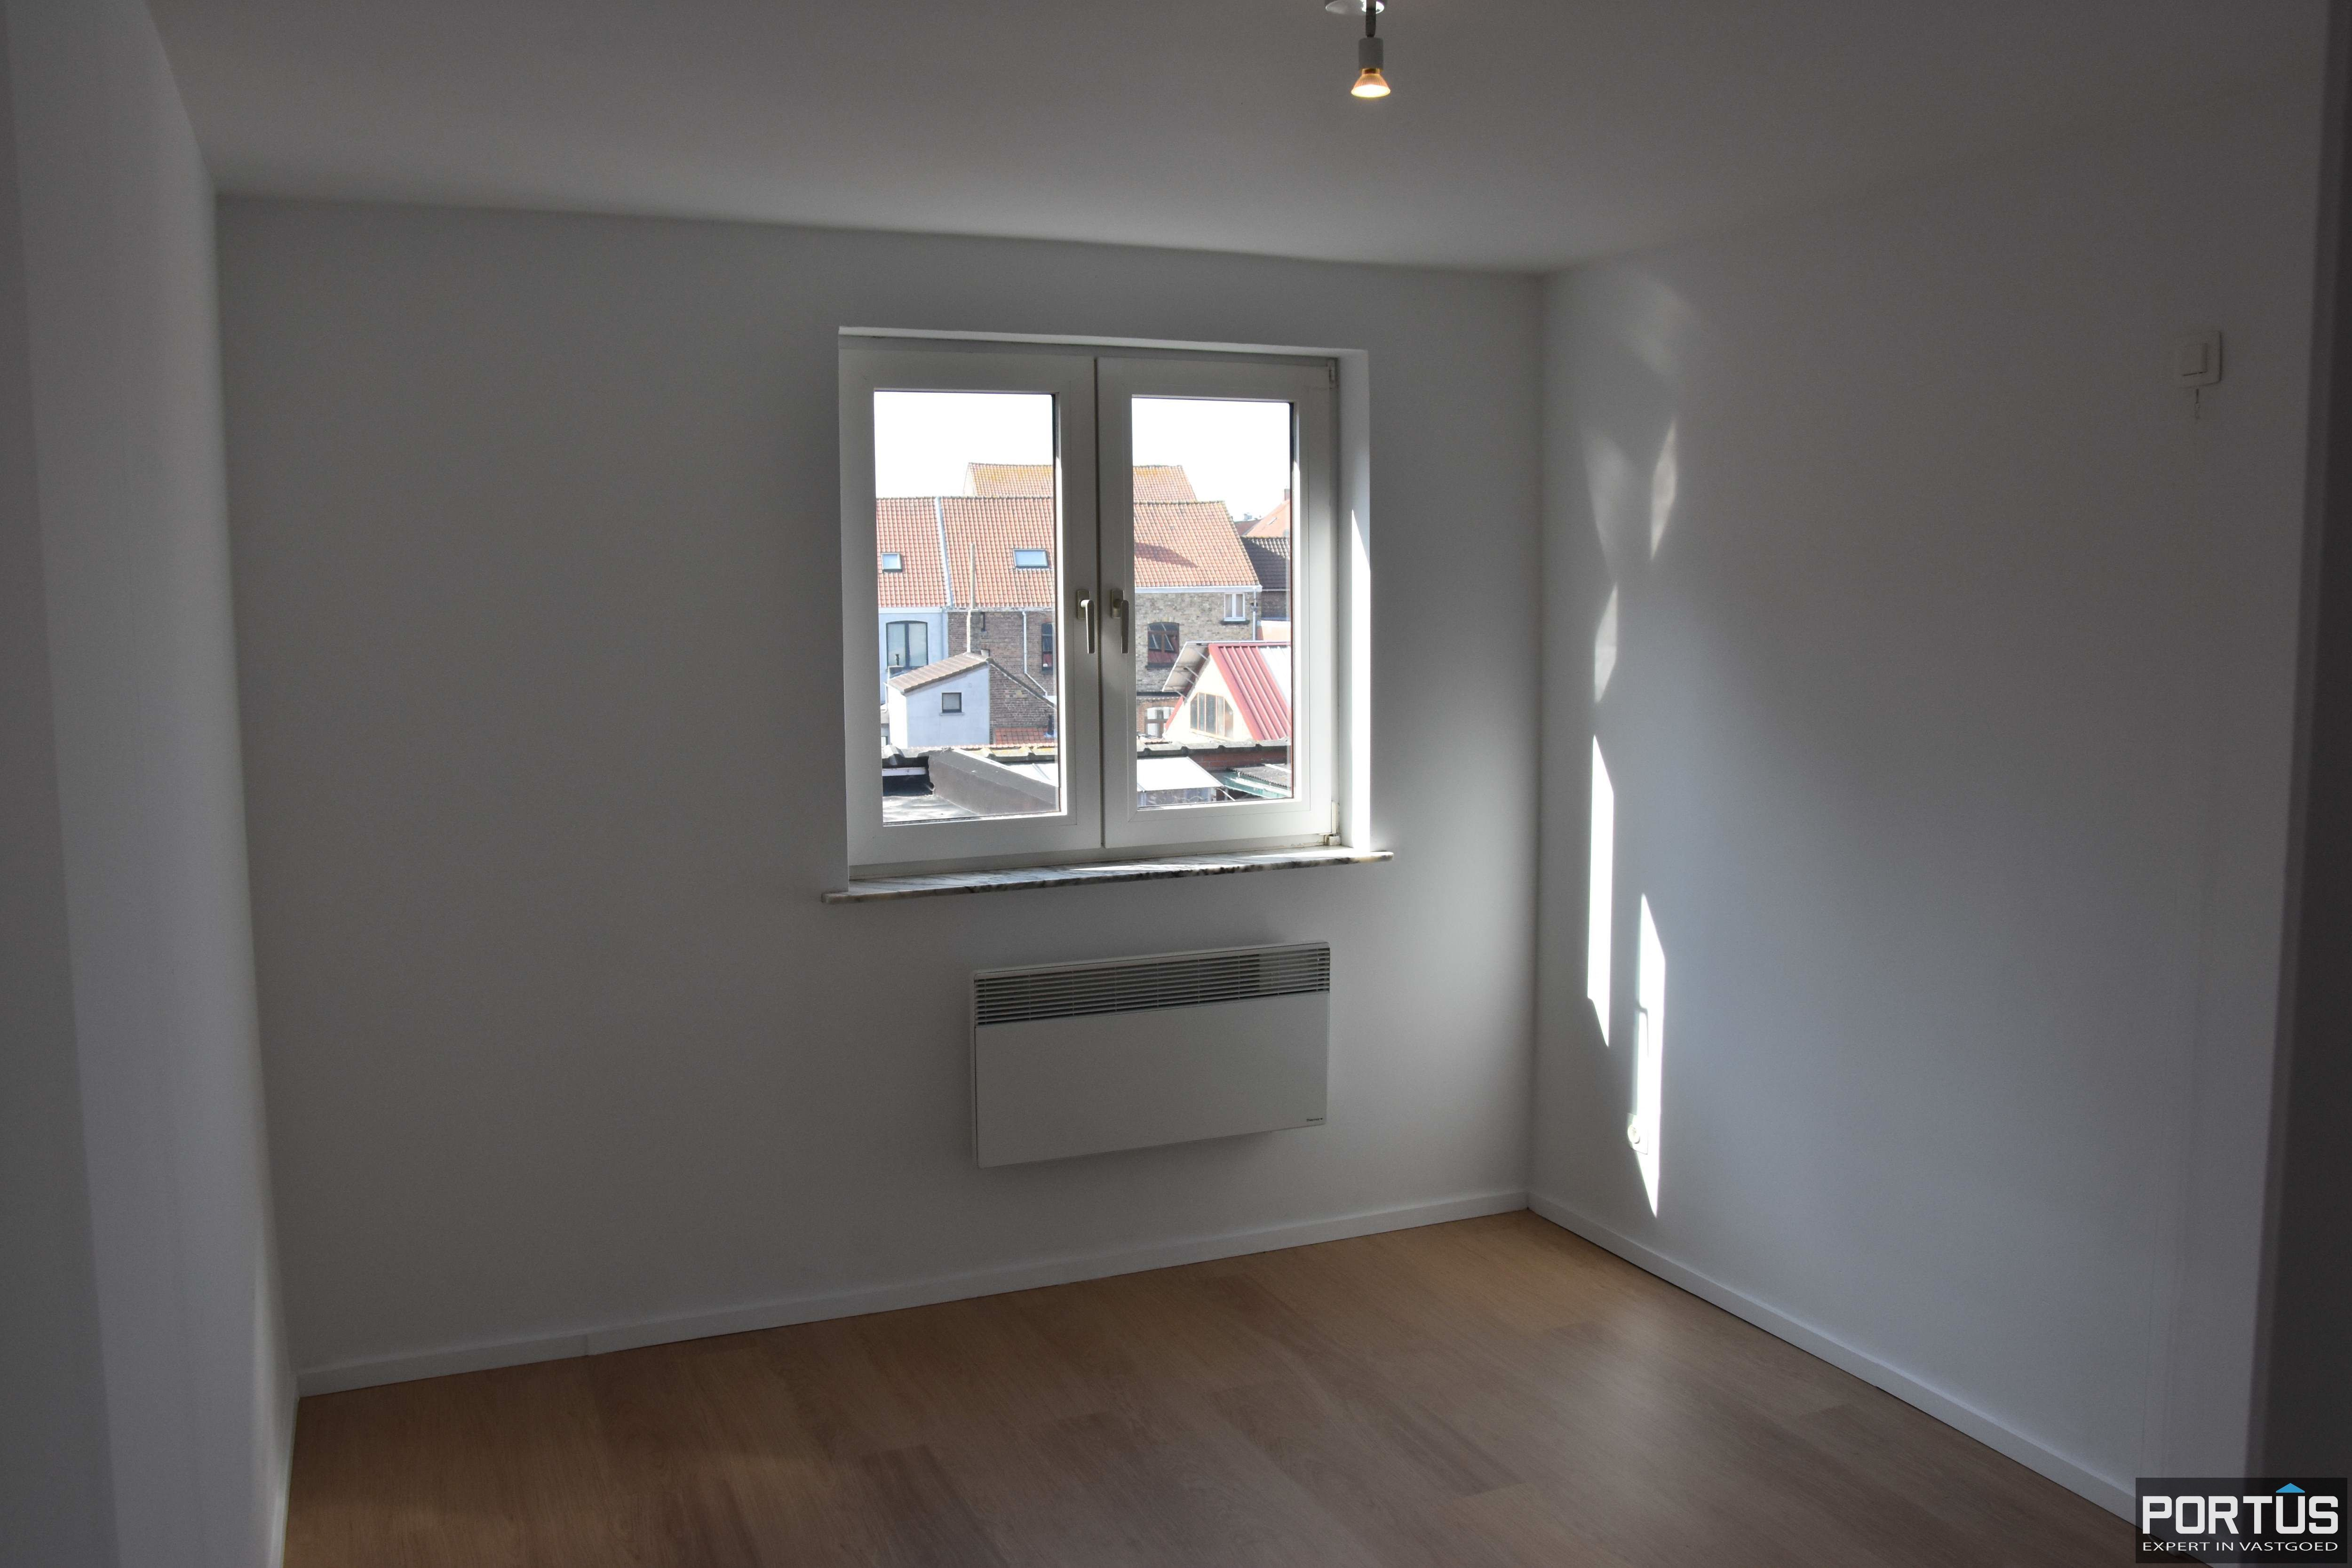 Appartement met 2 slaapkamers te huur te Nieuwpoort - 11091